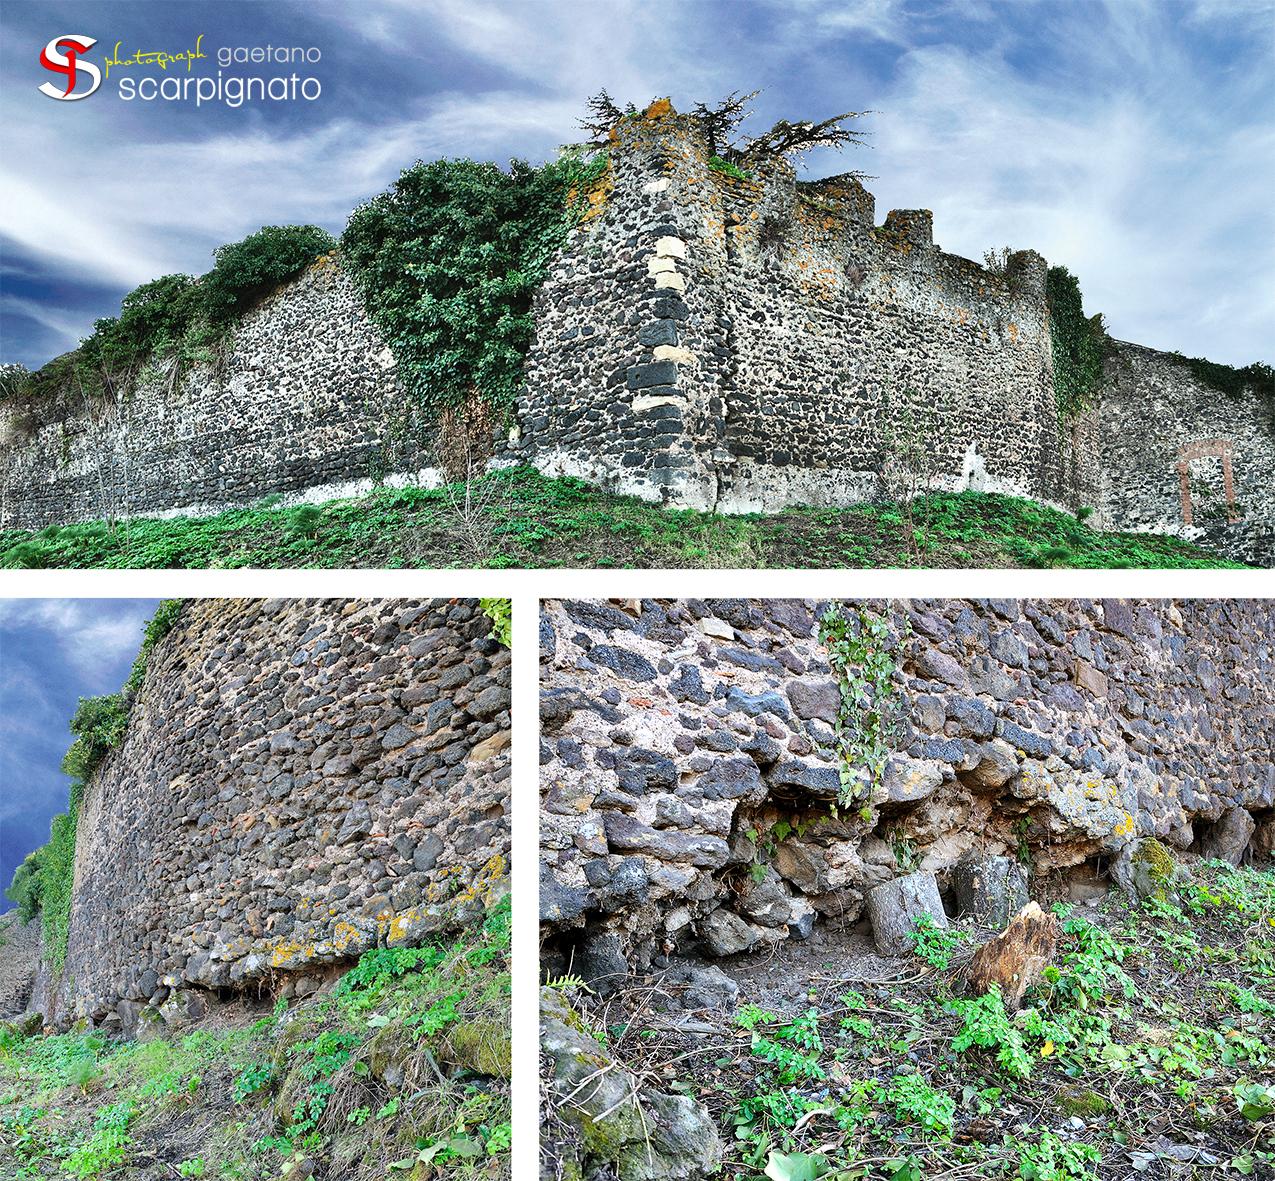 Randazzo e le sue mura medievali nell'indifferenza